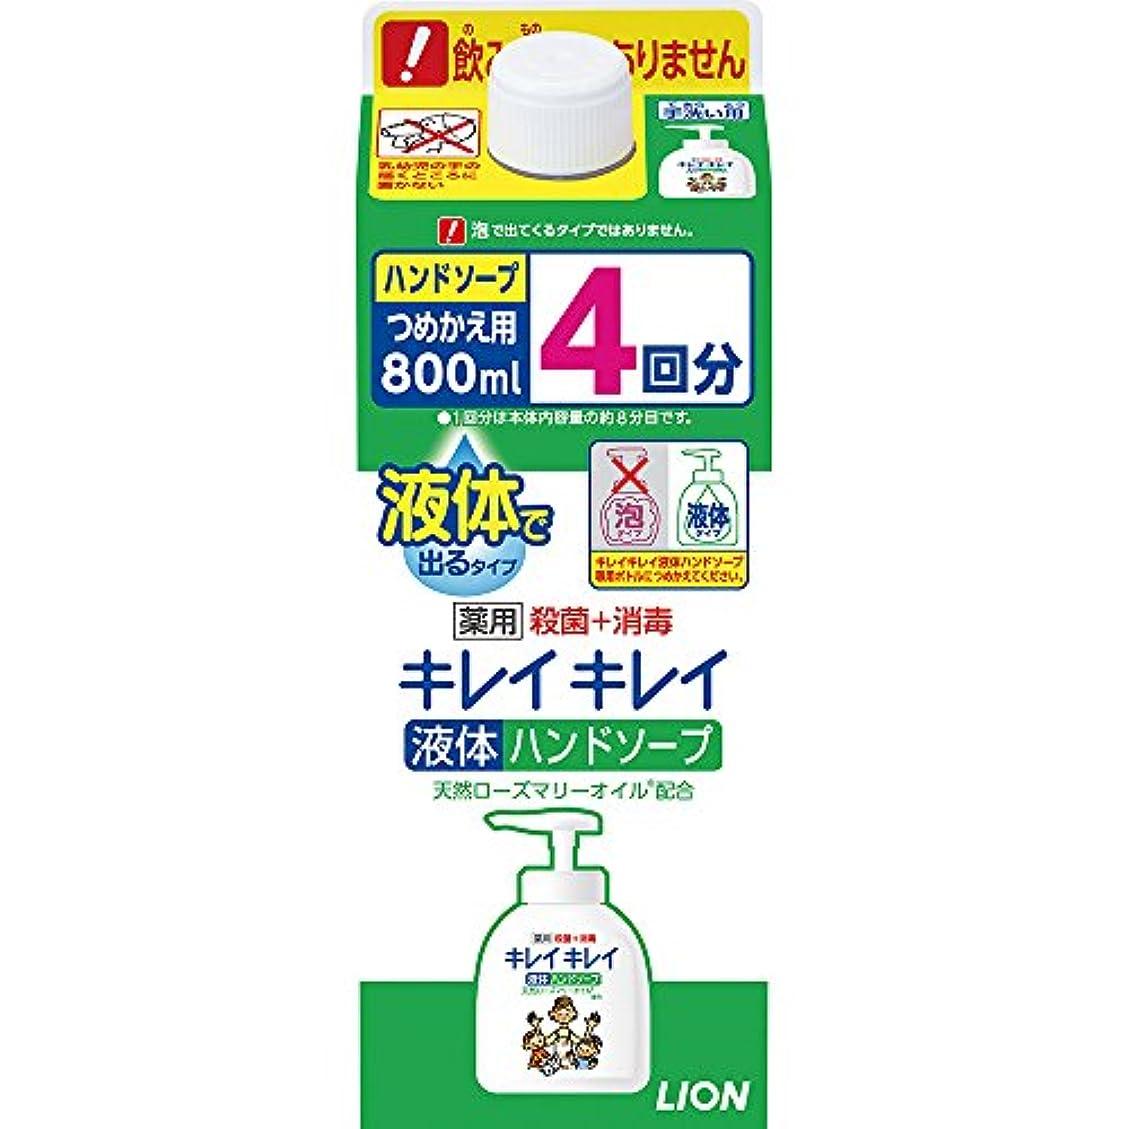 フラスコ意志バケット(医薬部外品)【大容量】キレイキレイ 薬用 液体ハンドソープ 詰め替え 特大 800ml